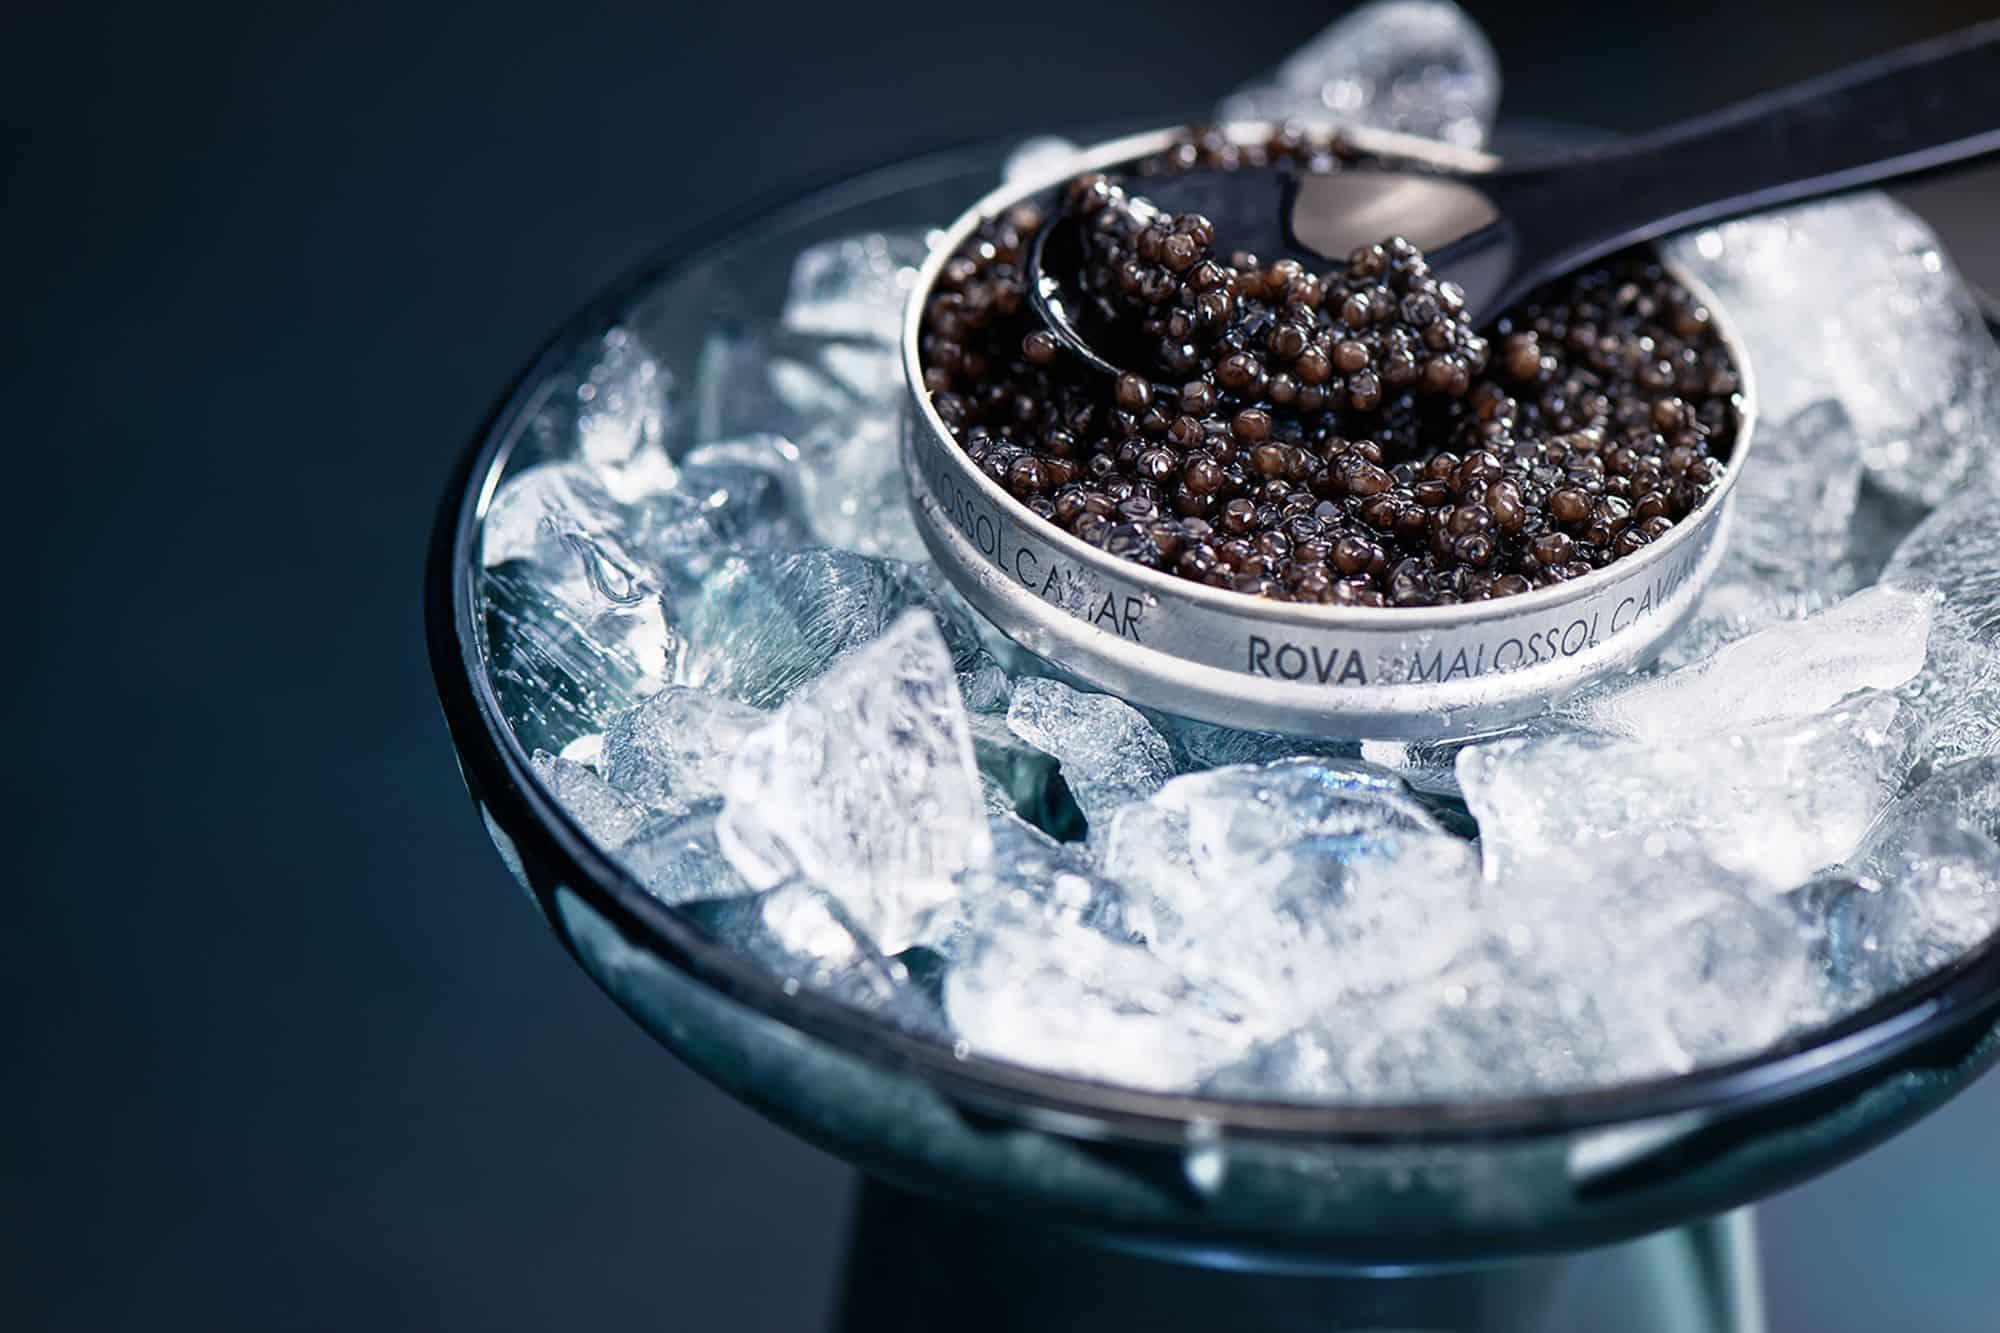 Caviar mada 2